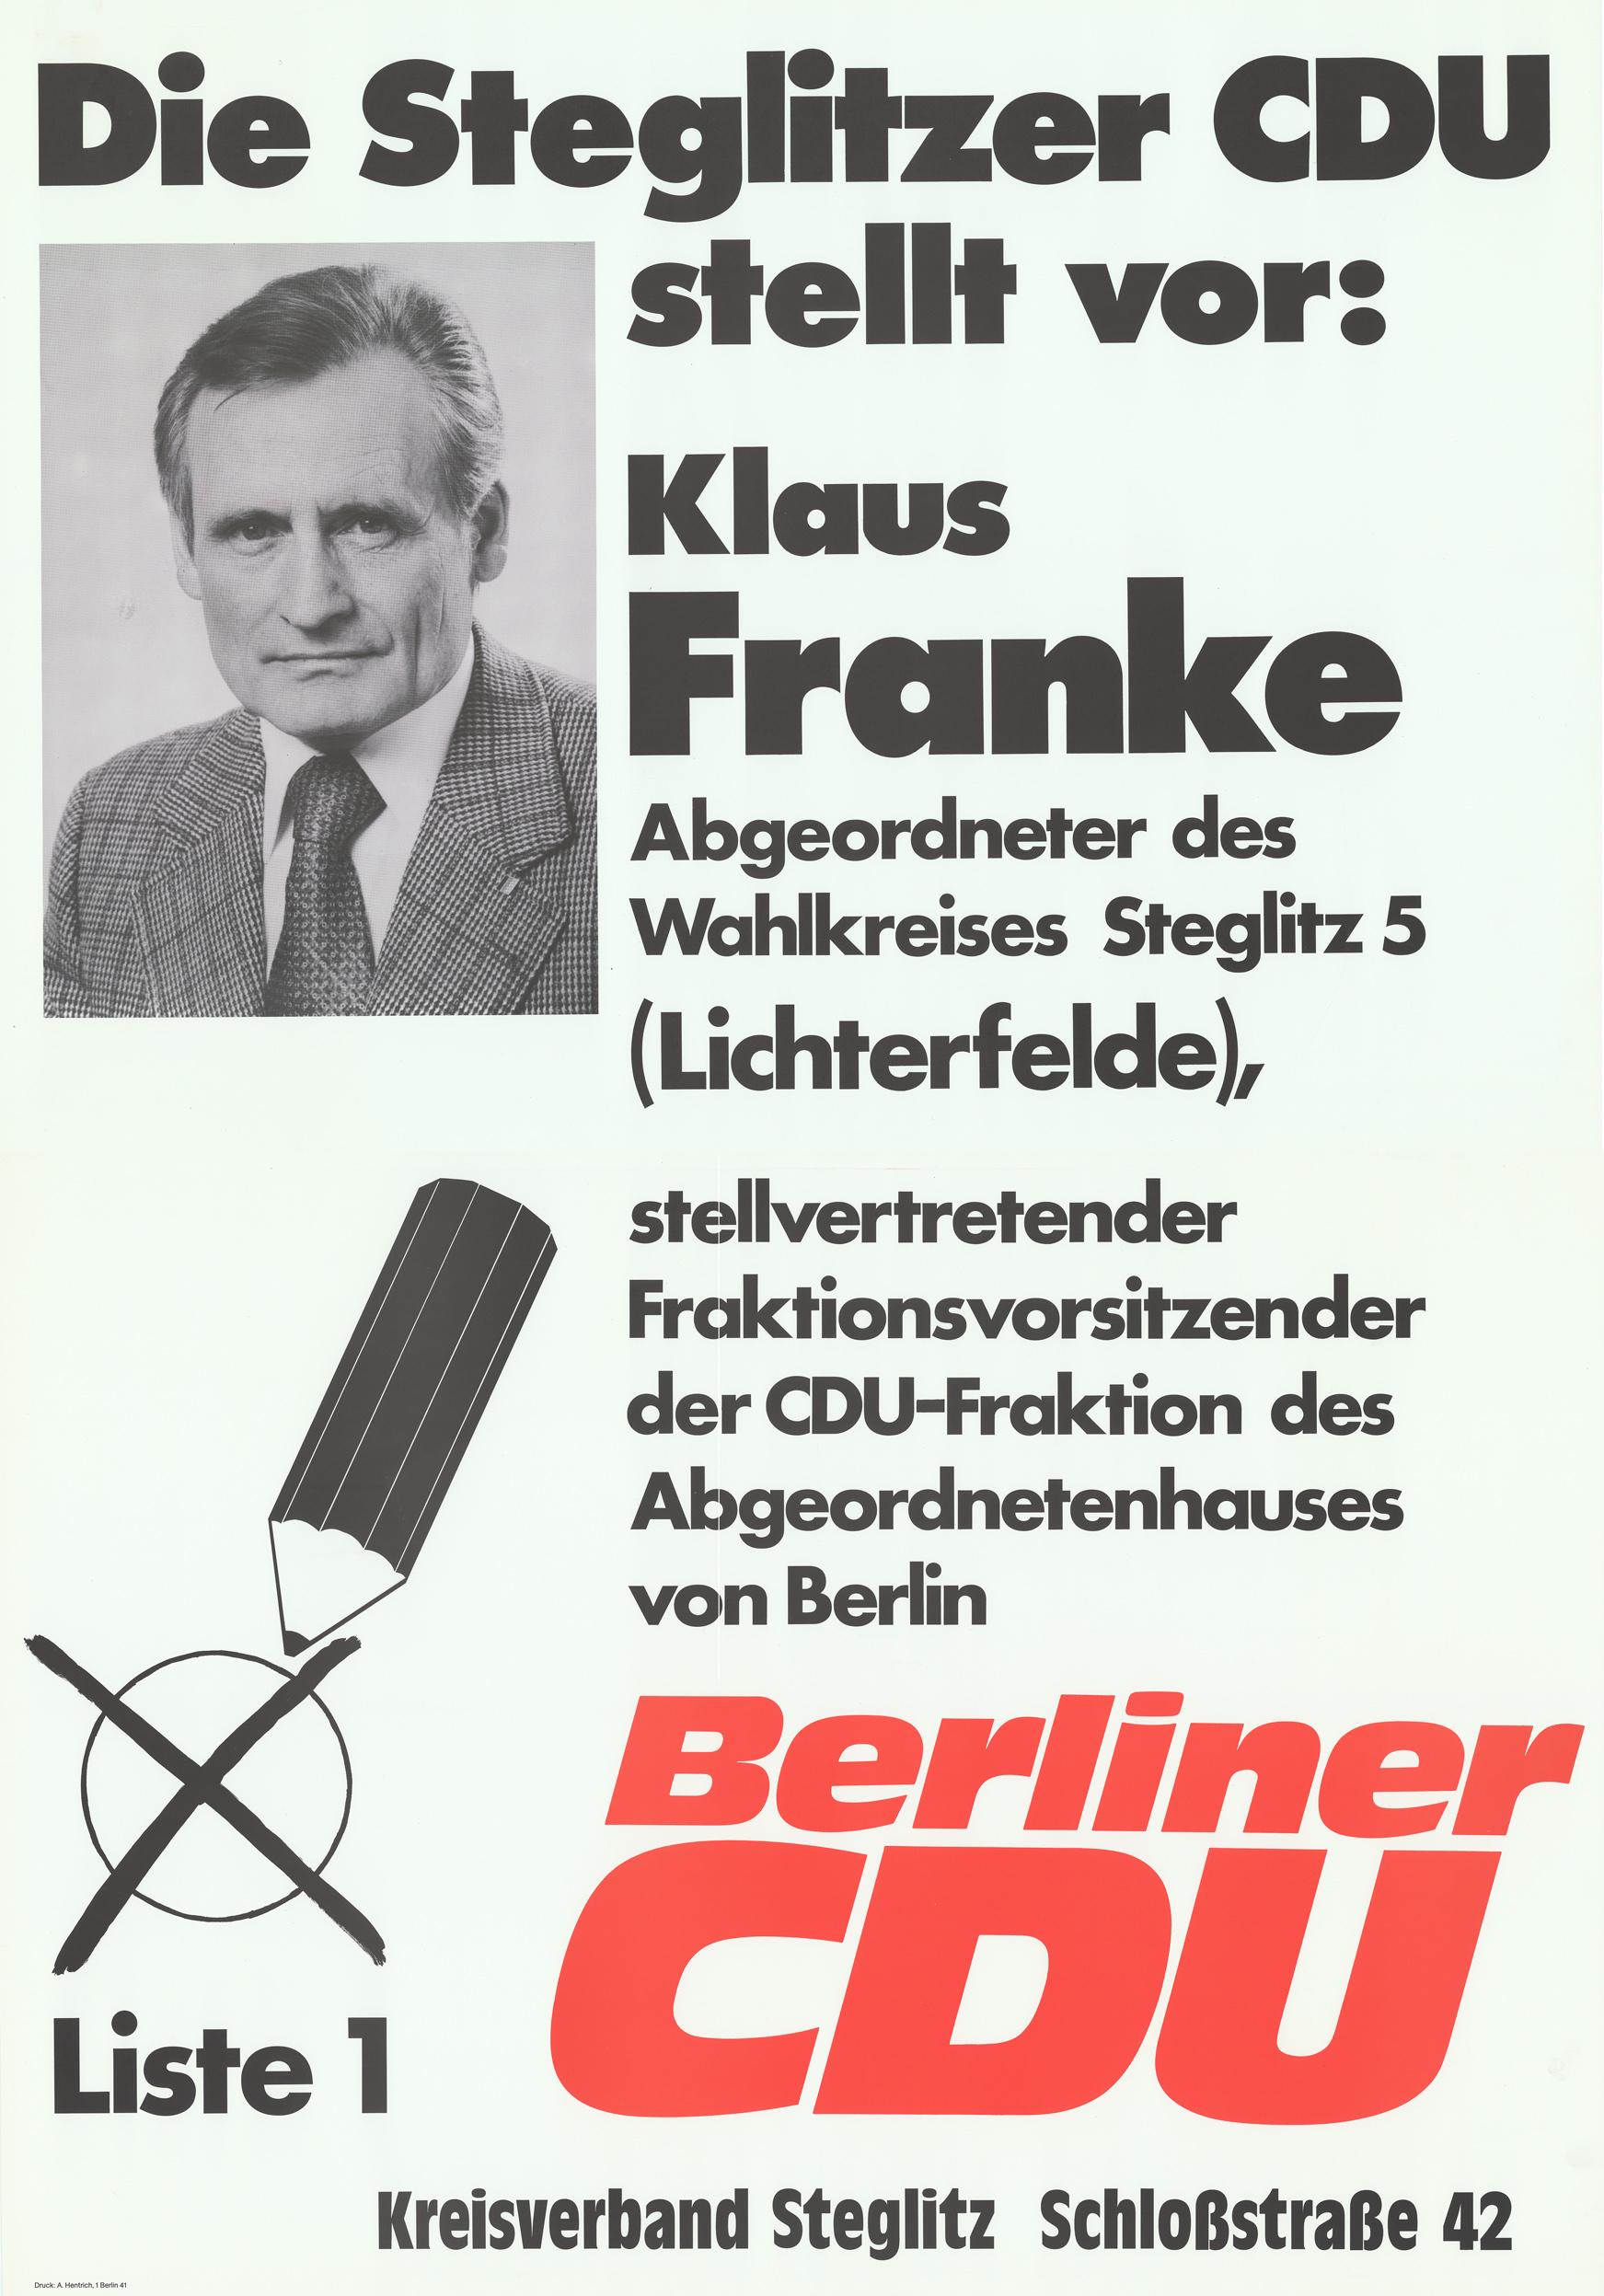 Klaus Franke auf einem Wahlplakat der Berliner CDU.